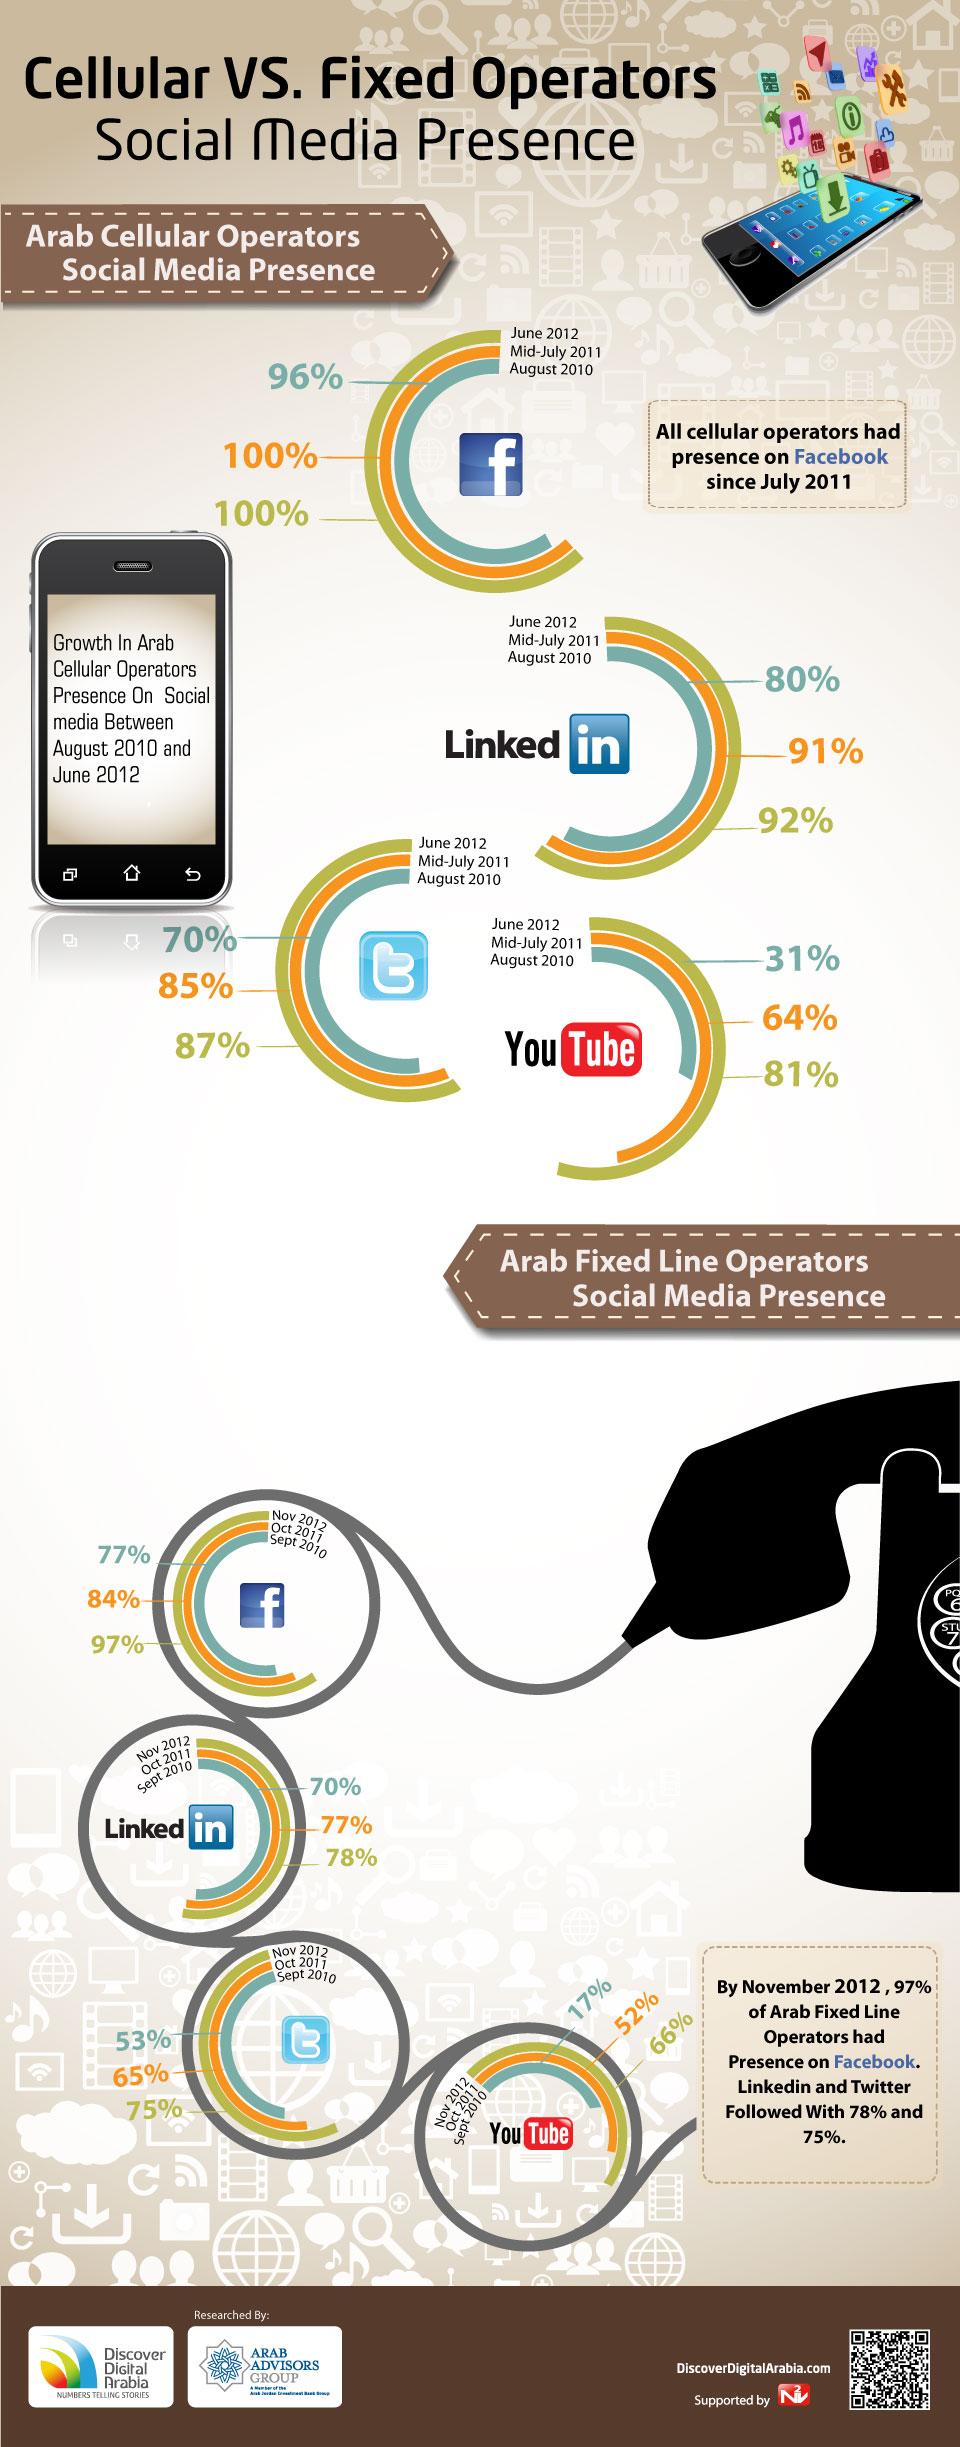 Cellular VS Fixed Operators Social Media Presence